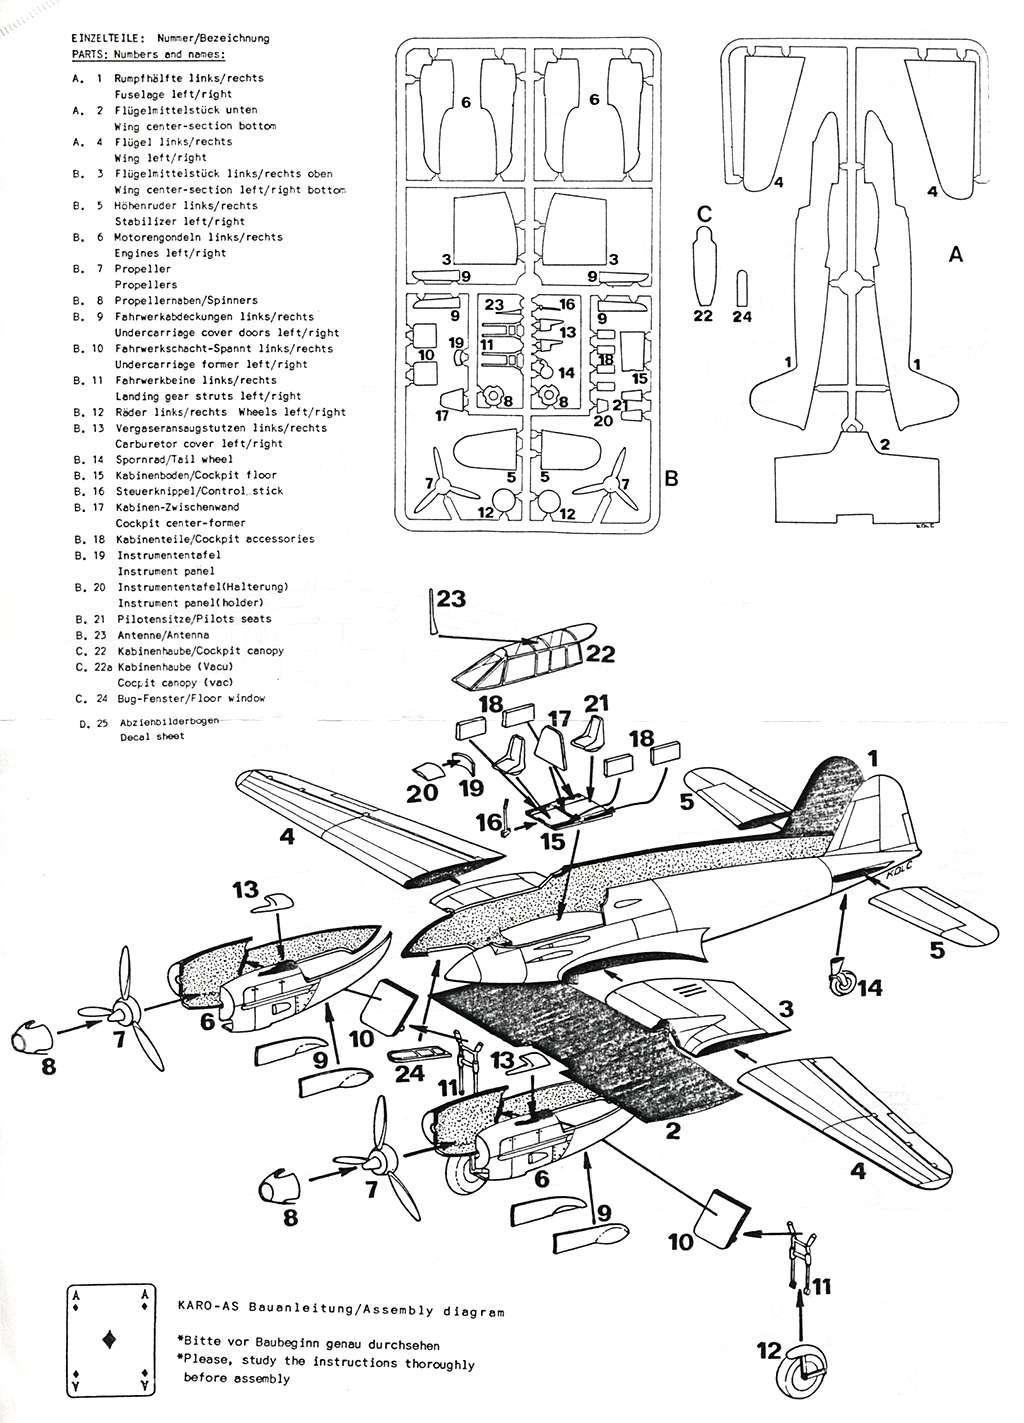 Focke-Wulf Fw 187 ''Falke'' (1:72, KARO AS & marque inconnue ?) Fw_18715